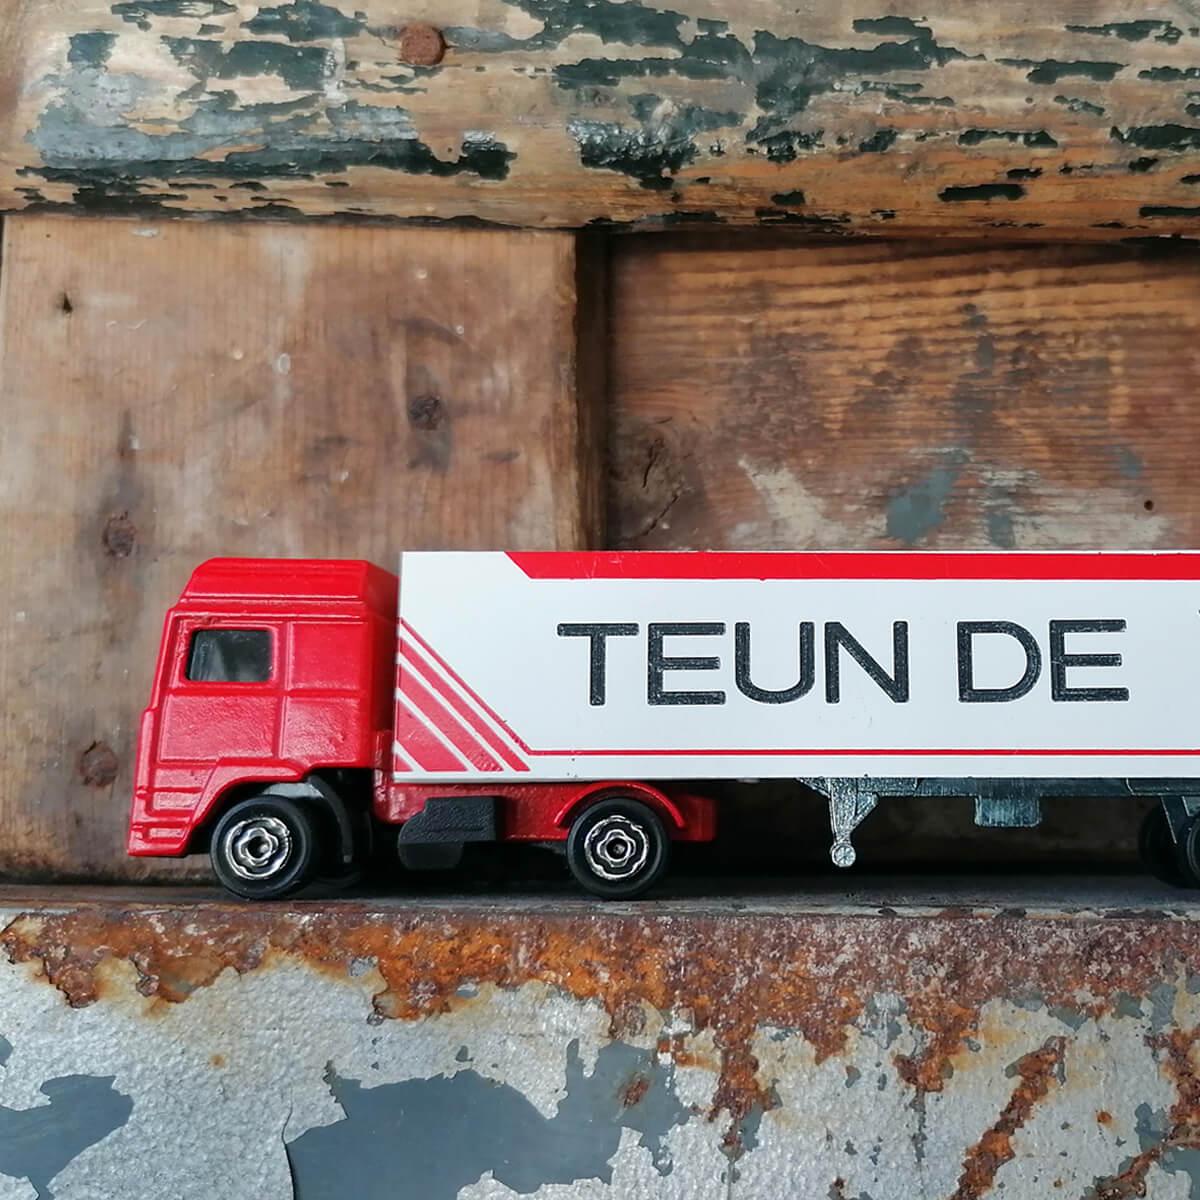 Vrachtwagen en oplegger met je voor en achternaam aan beide zijden